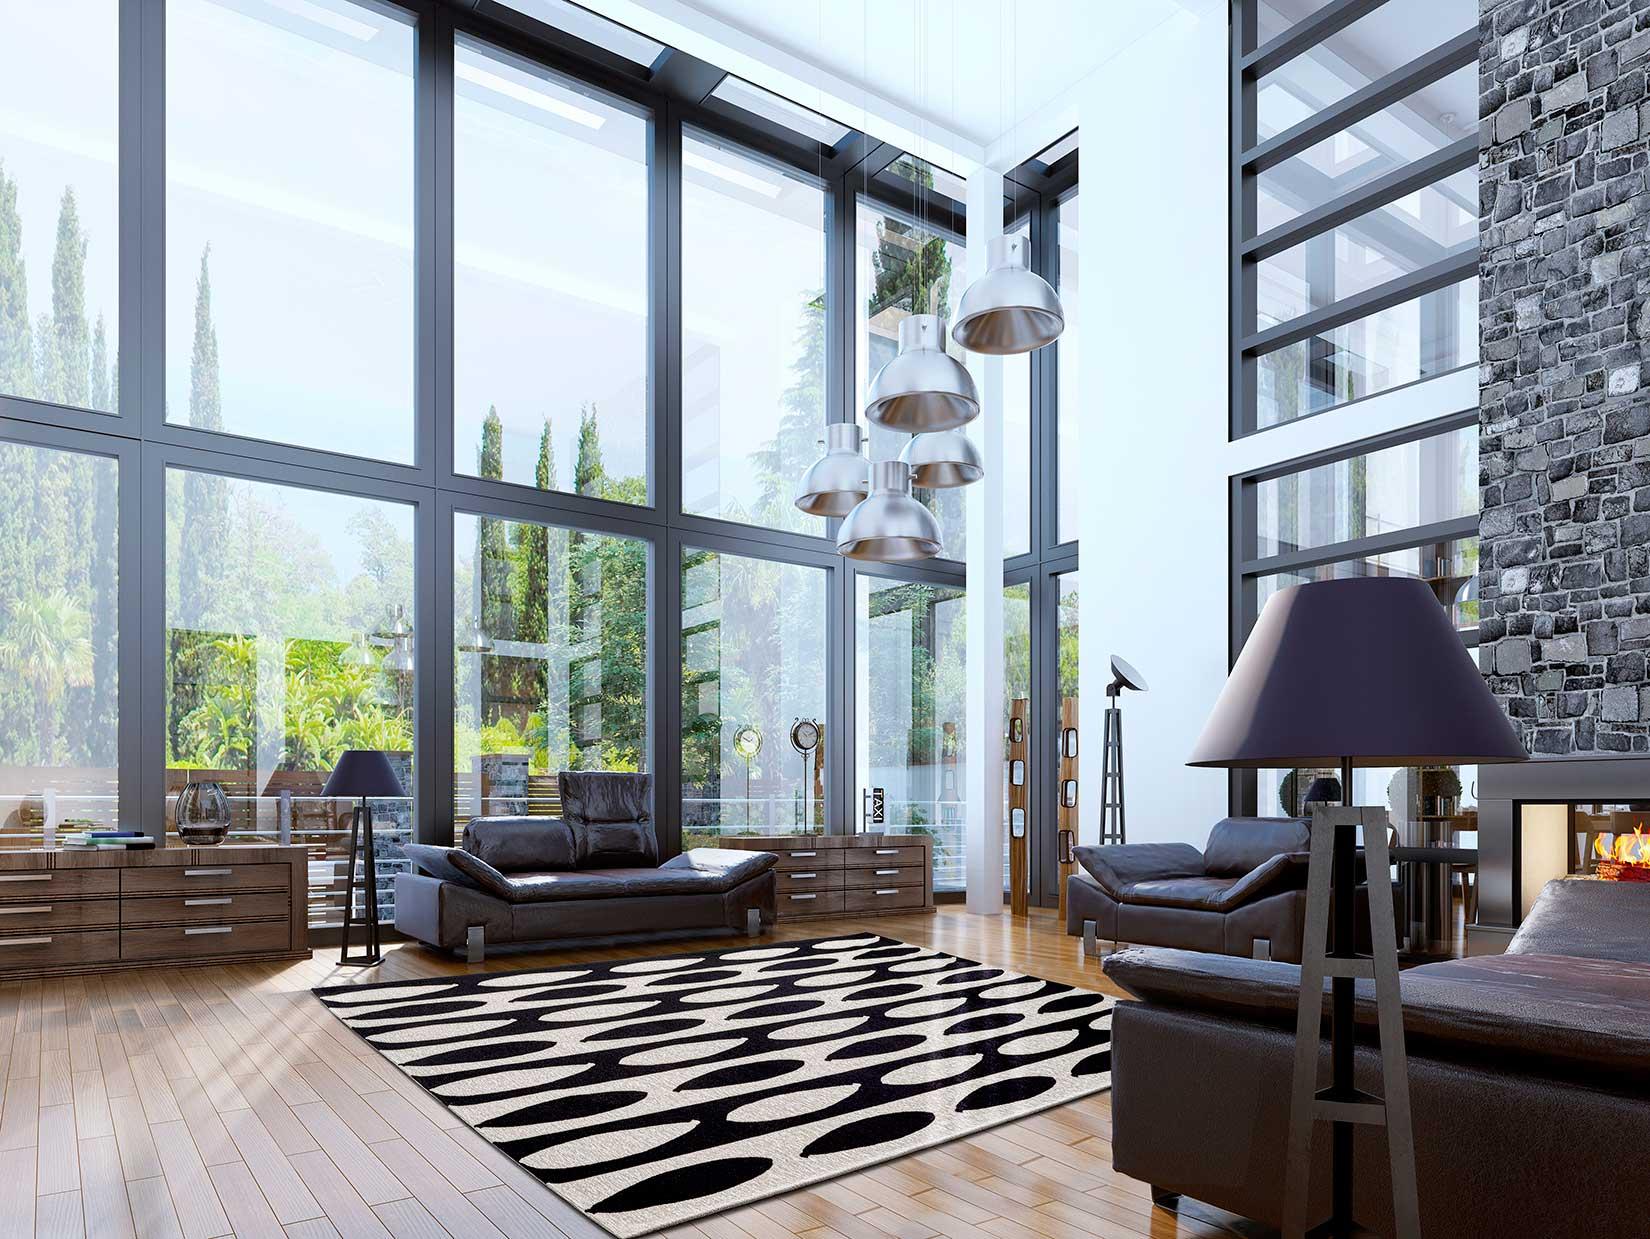 Tappeti bianchi e neri top tappeto soggiorno nero minimis - Tappeto lavabile soggiorno ...